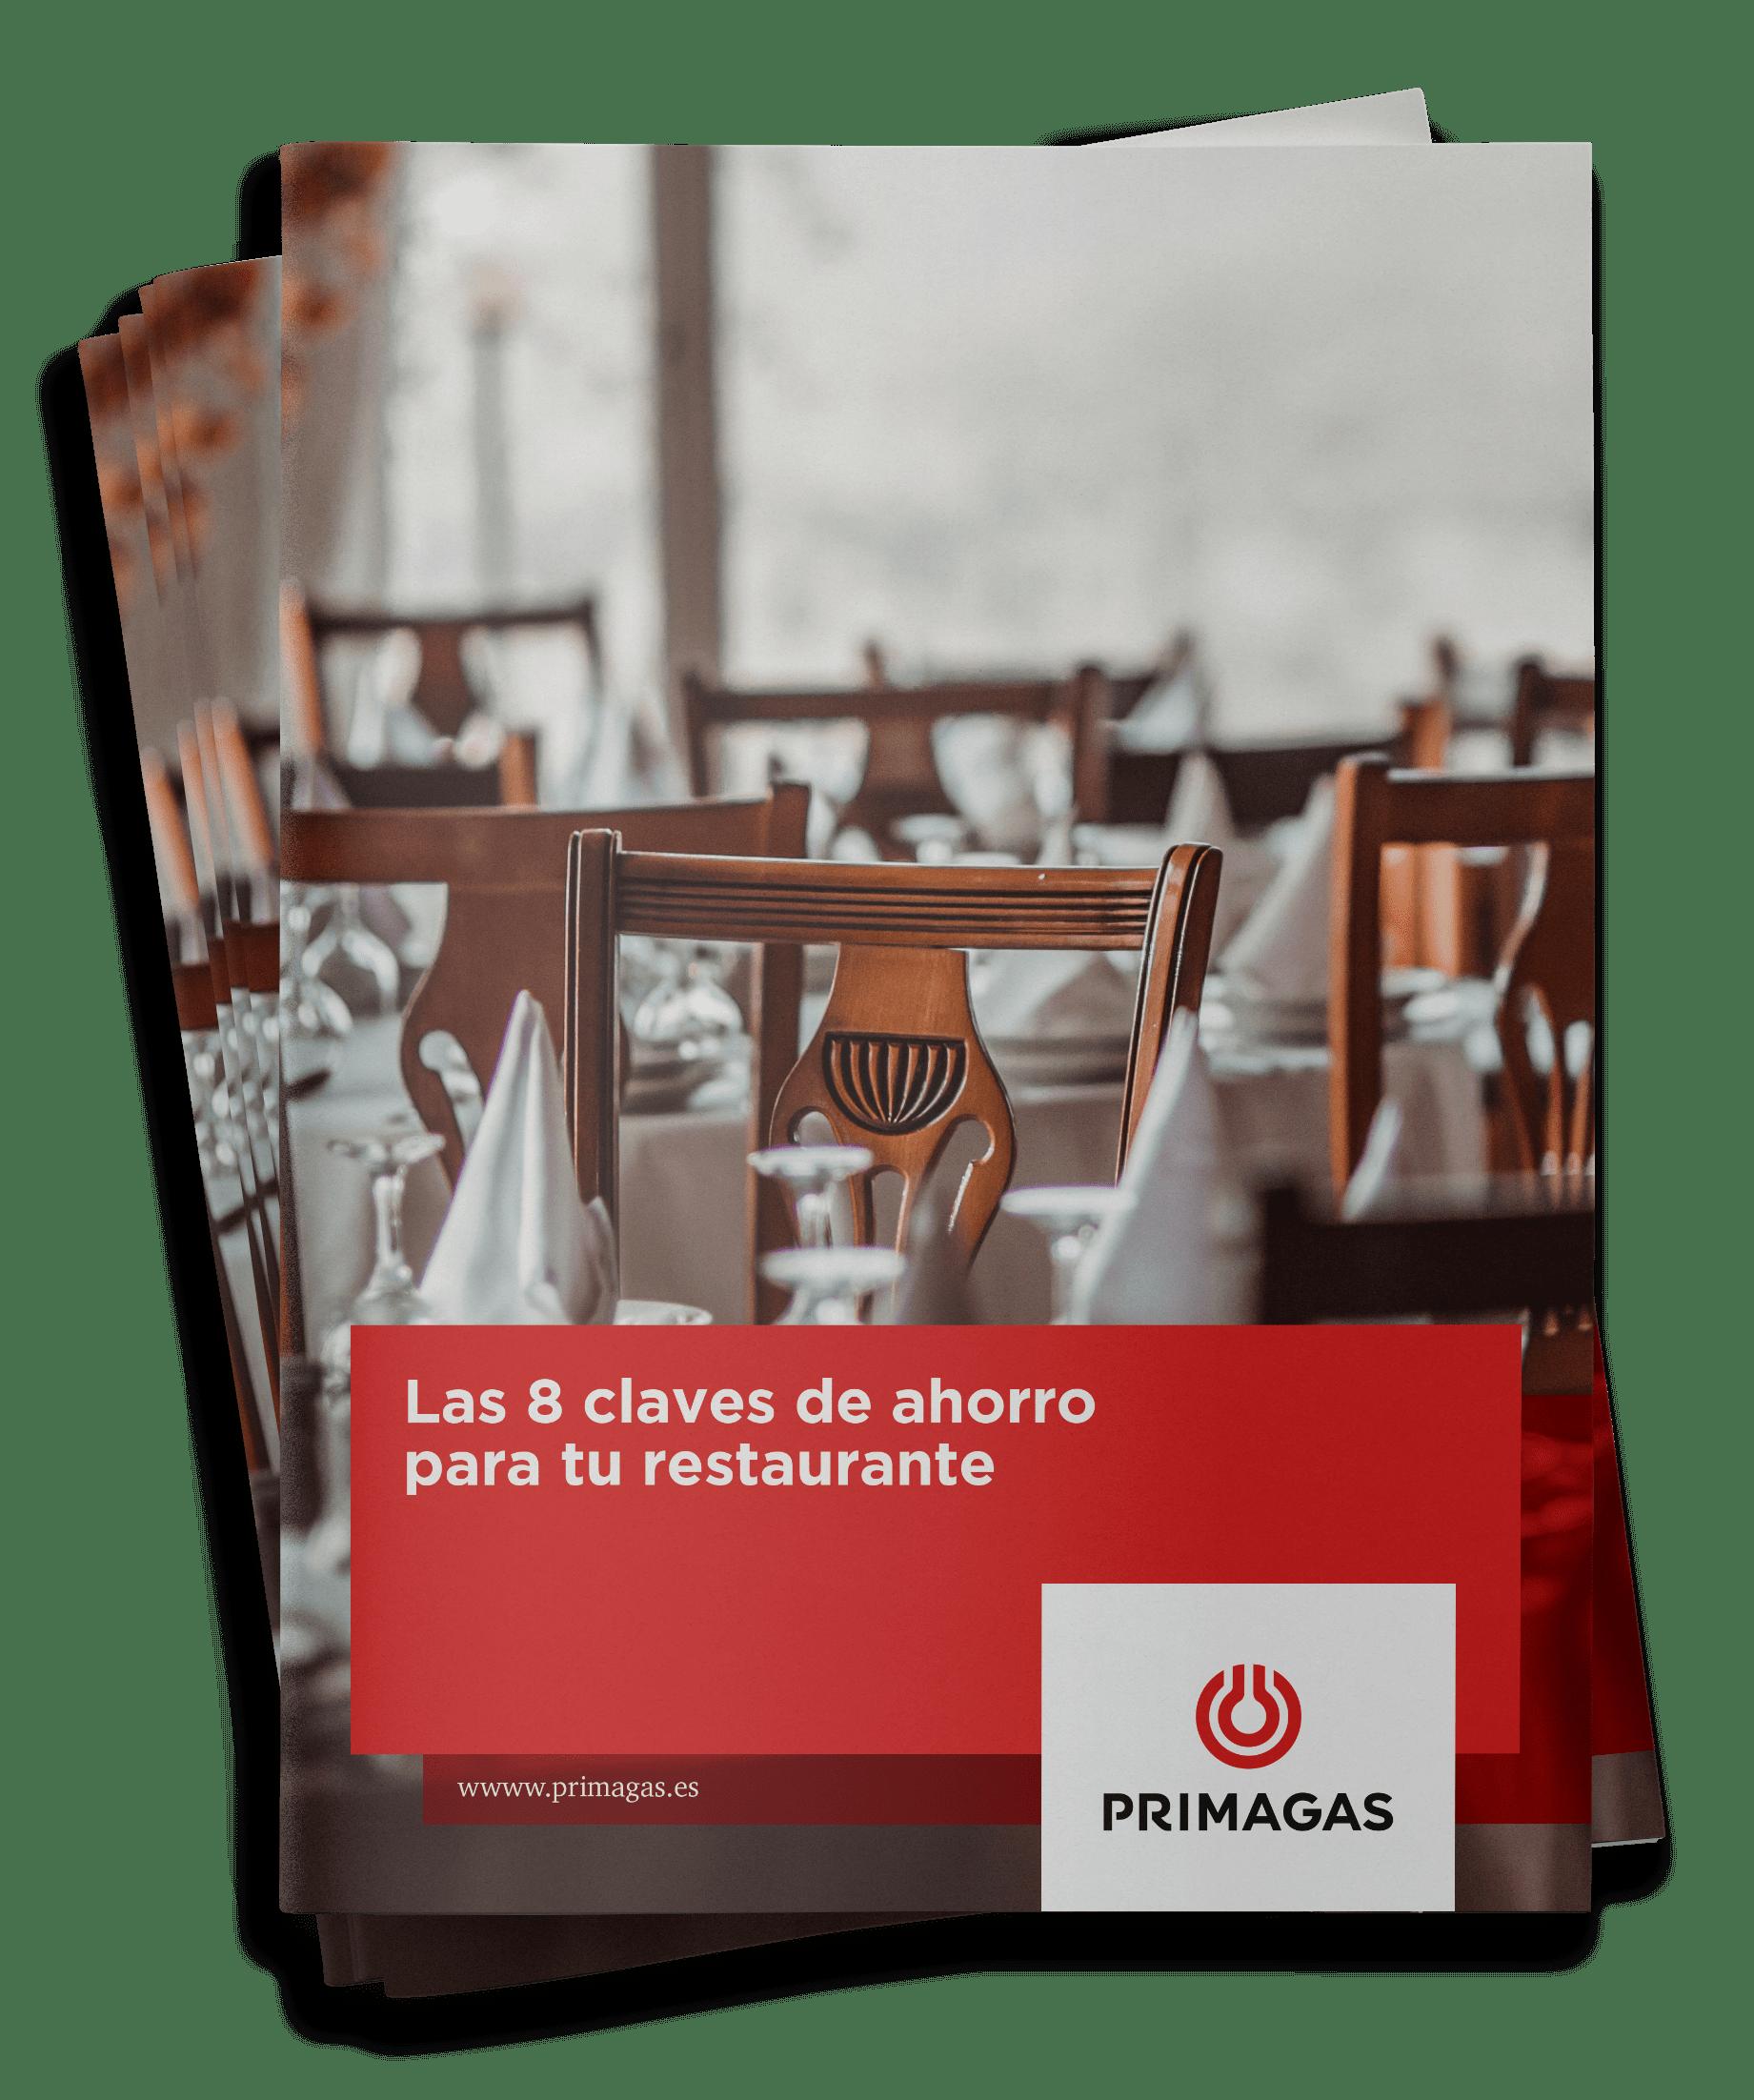 Portada - Las 8 claves de ahorro para tu restaurante - Primagas 2-min